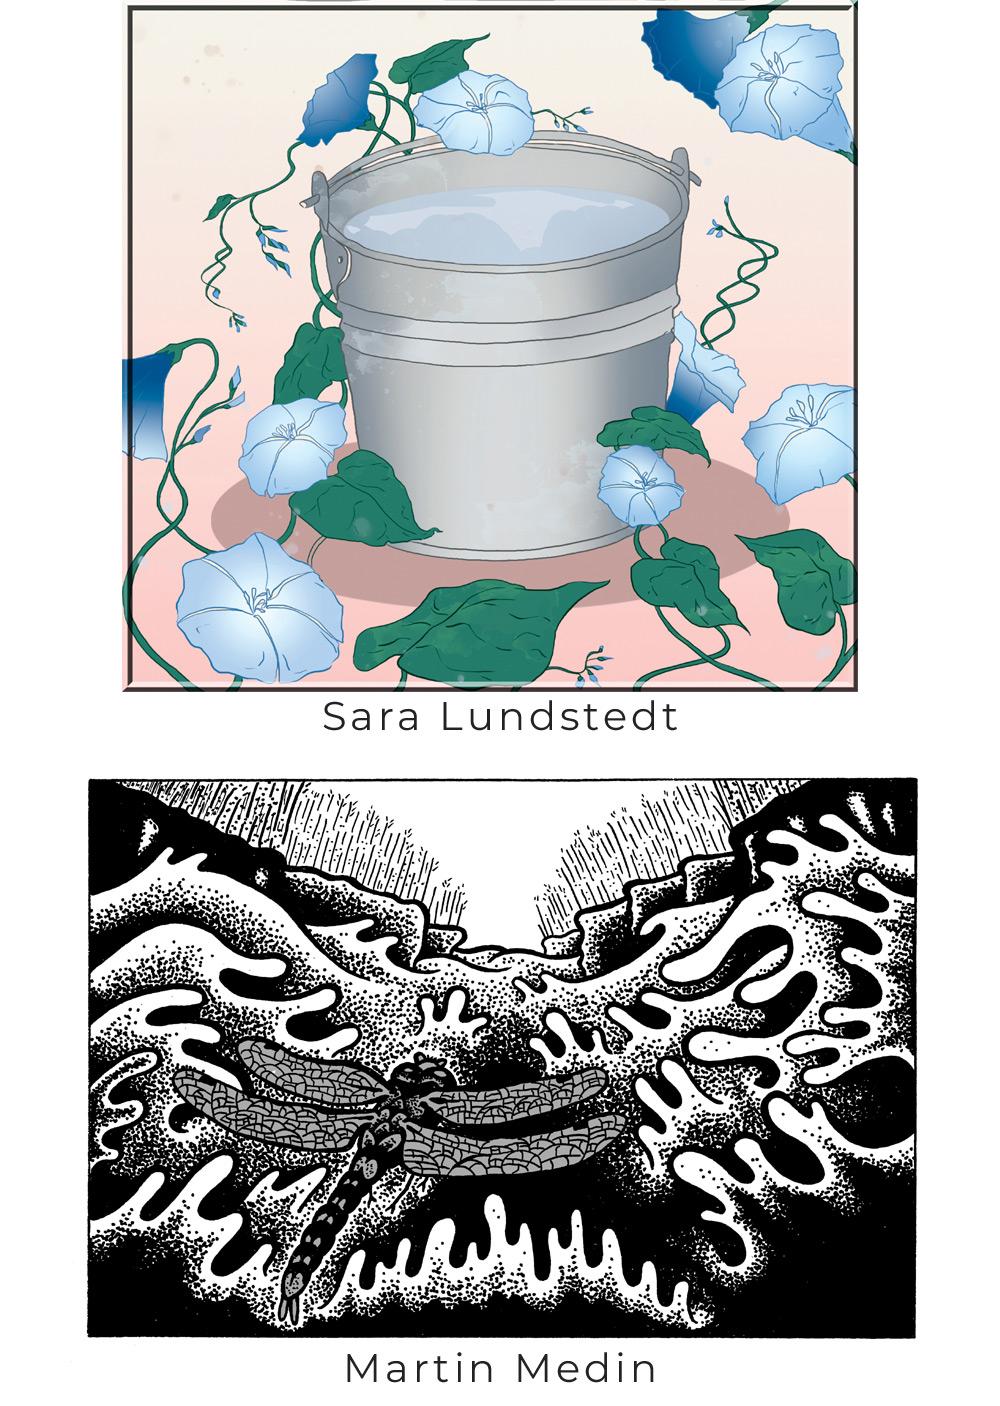 BILD: Spann omslingrad av Ipomea av Sara Lundstedt & Trollsländan jagande över vatten av Martin Medin